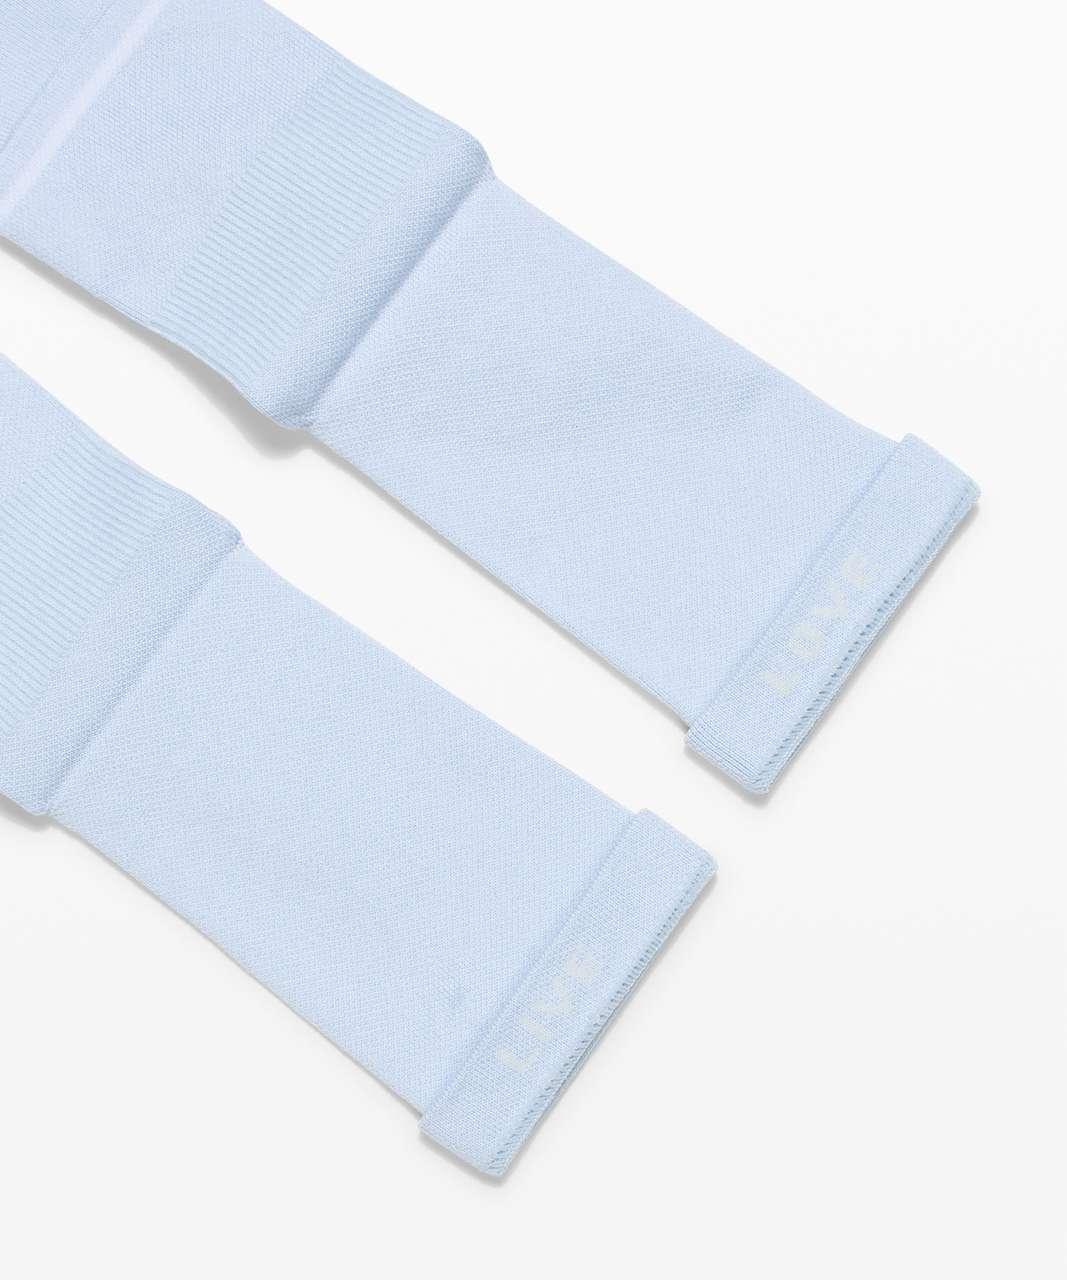 Lululemon Power Stride Crew Sock *2 Pack - White / Blue Linen